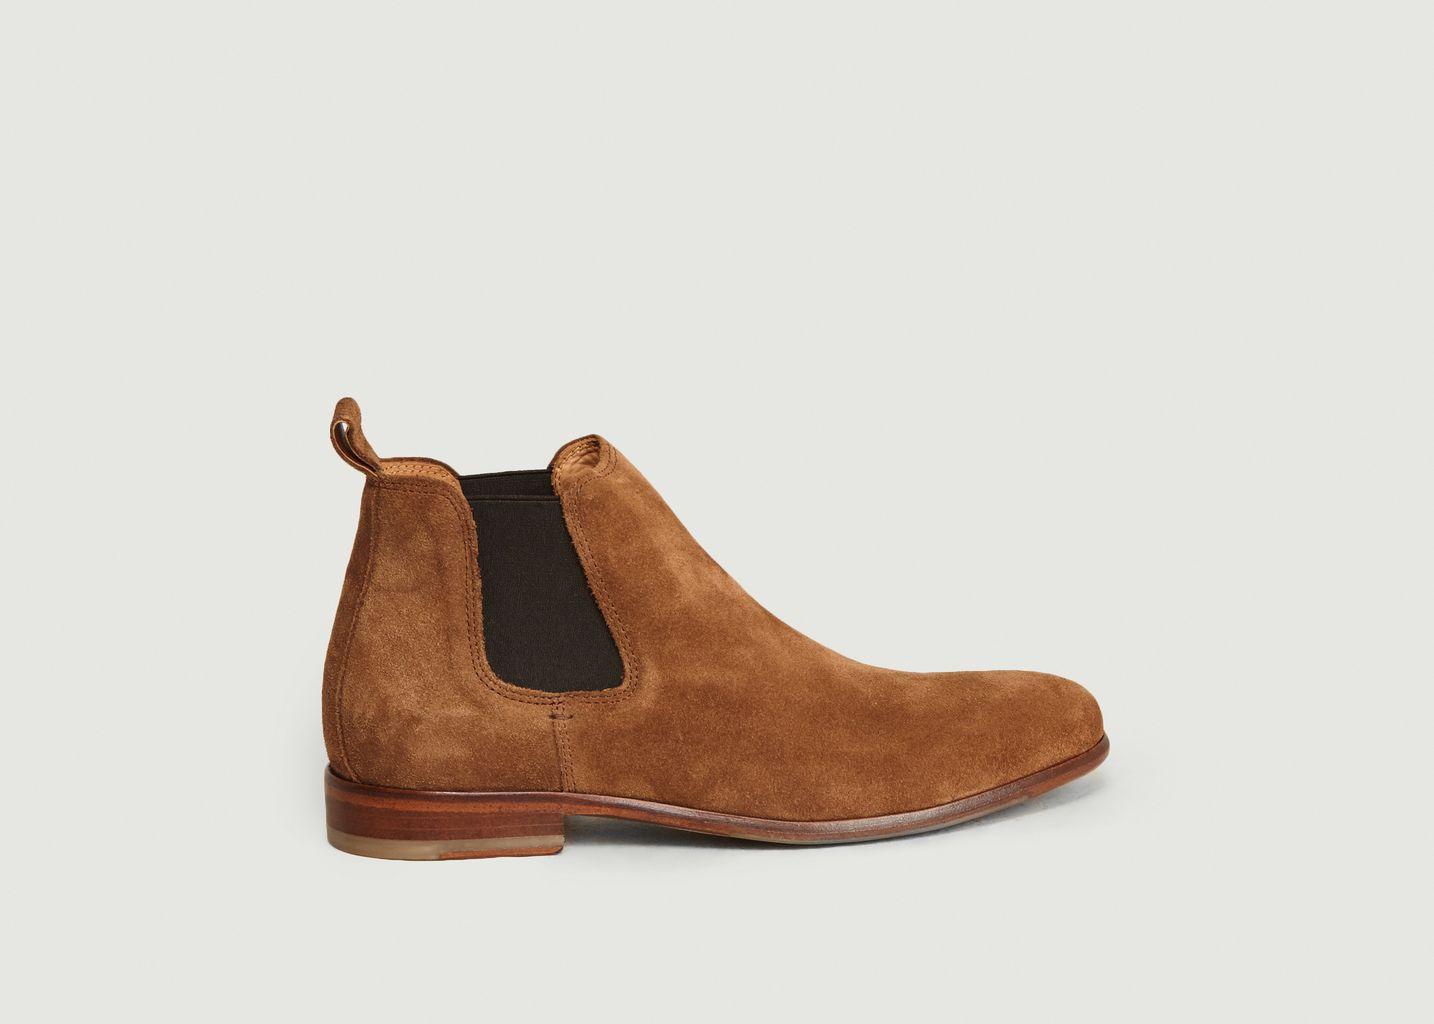 Homme : L'histoire des Chelsea boots, les bottines aussi